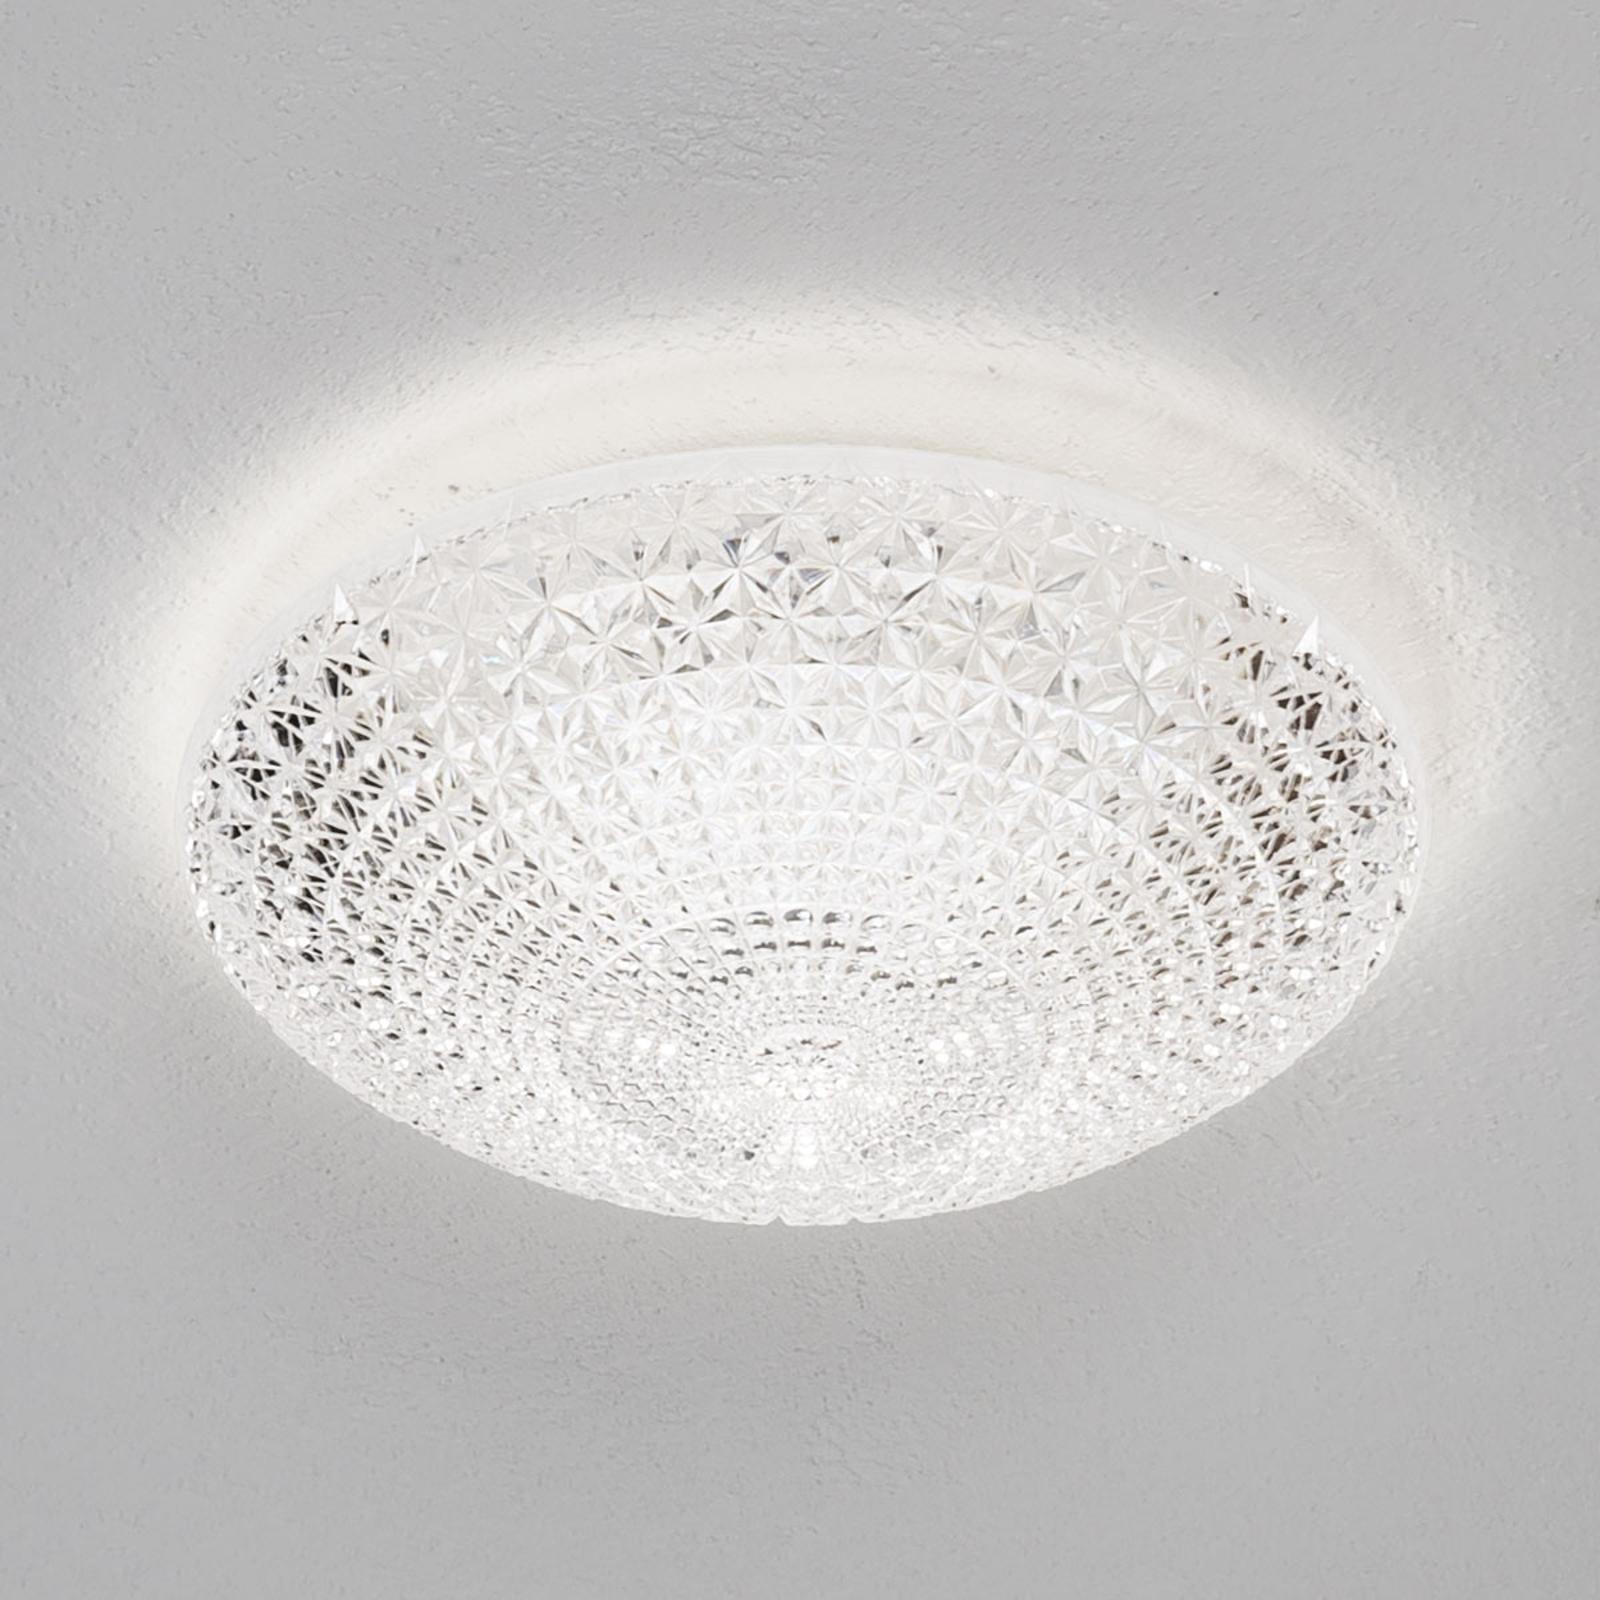 LED-taklampe Kuma formet som en halv skål